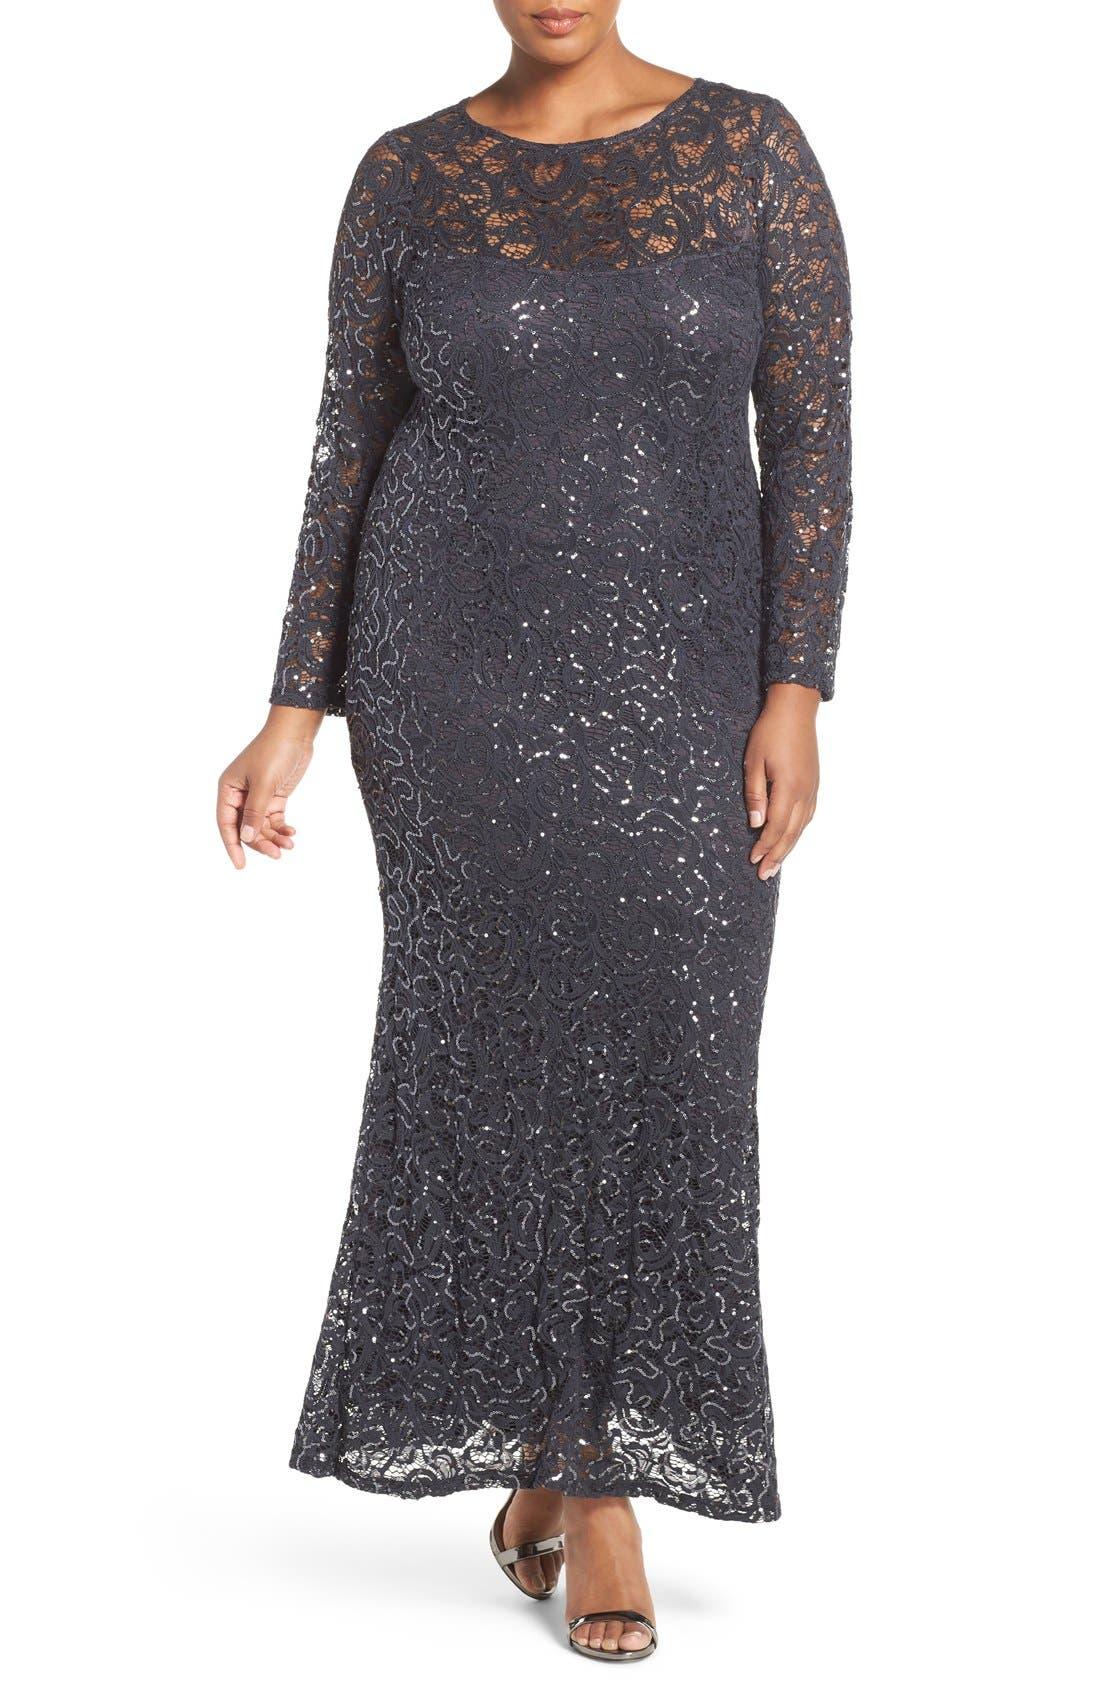 Main Image - Marina Illusion Yoke & Long Sleeve Lace Gown (Plus Size)